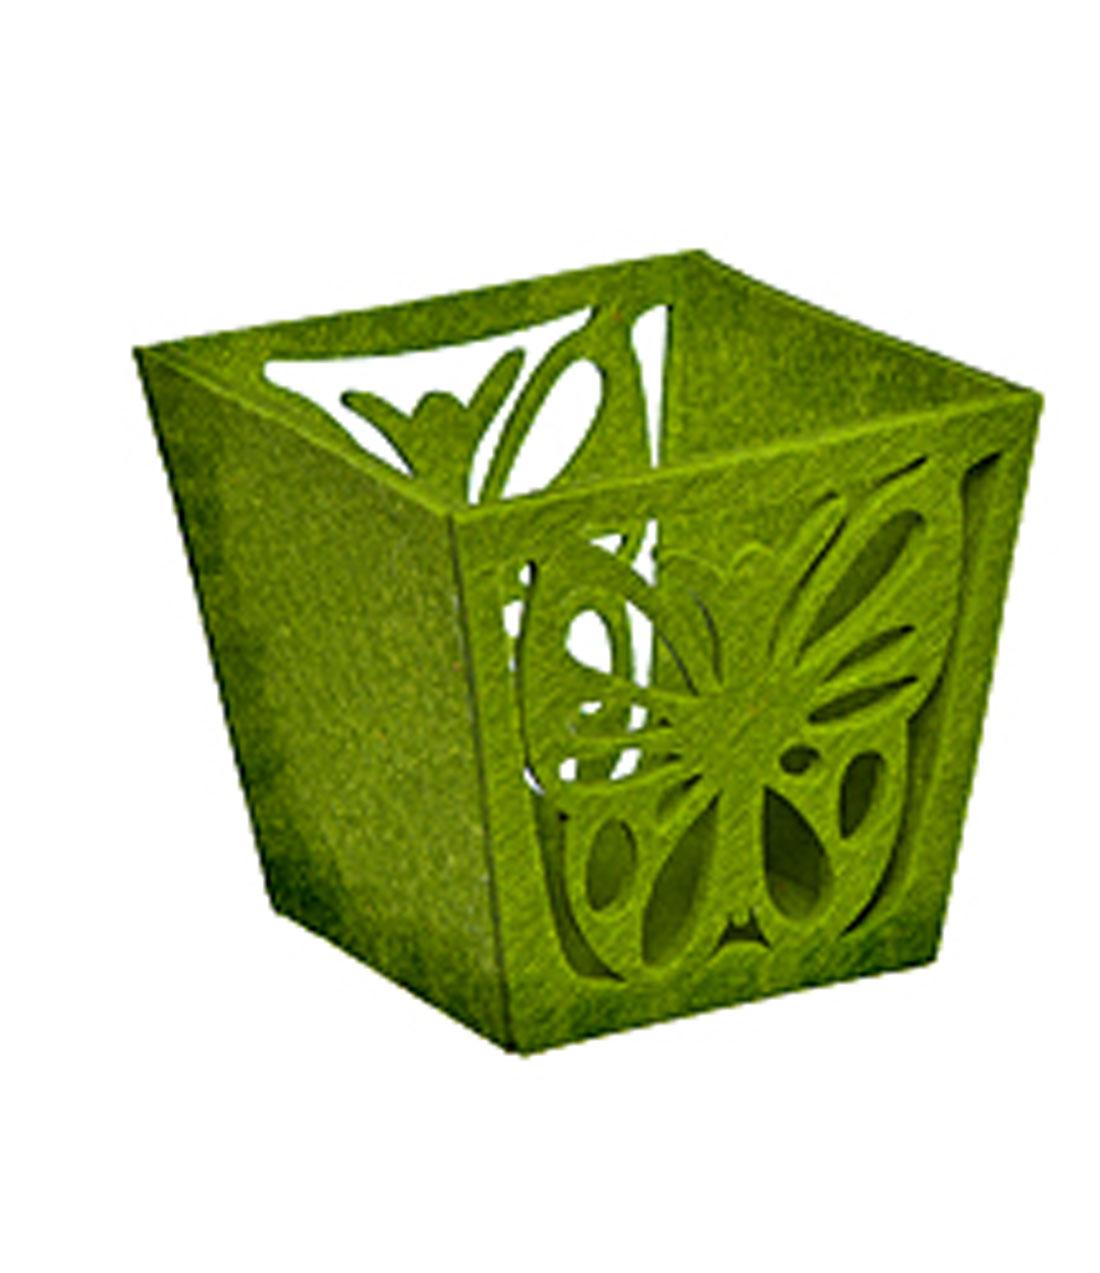 Корзина декоративная Home Queen Бабочка, цвет: зеленый, 14 х 13 х 12 см66833_1Декоративная корзина Home Queen Бабочка, выполненная из фетра, предназначена для хранения различных мелочей и аксессуаров. Изделие имеет красивую перфорацию в виде бабочки. Такая корзина станет оригинальным и необычным подарком или украшением интерьера. Размер корзины: 14 см х 13 см х 12 см. Размер дна: 10 см х 9,5 см.